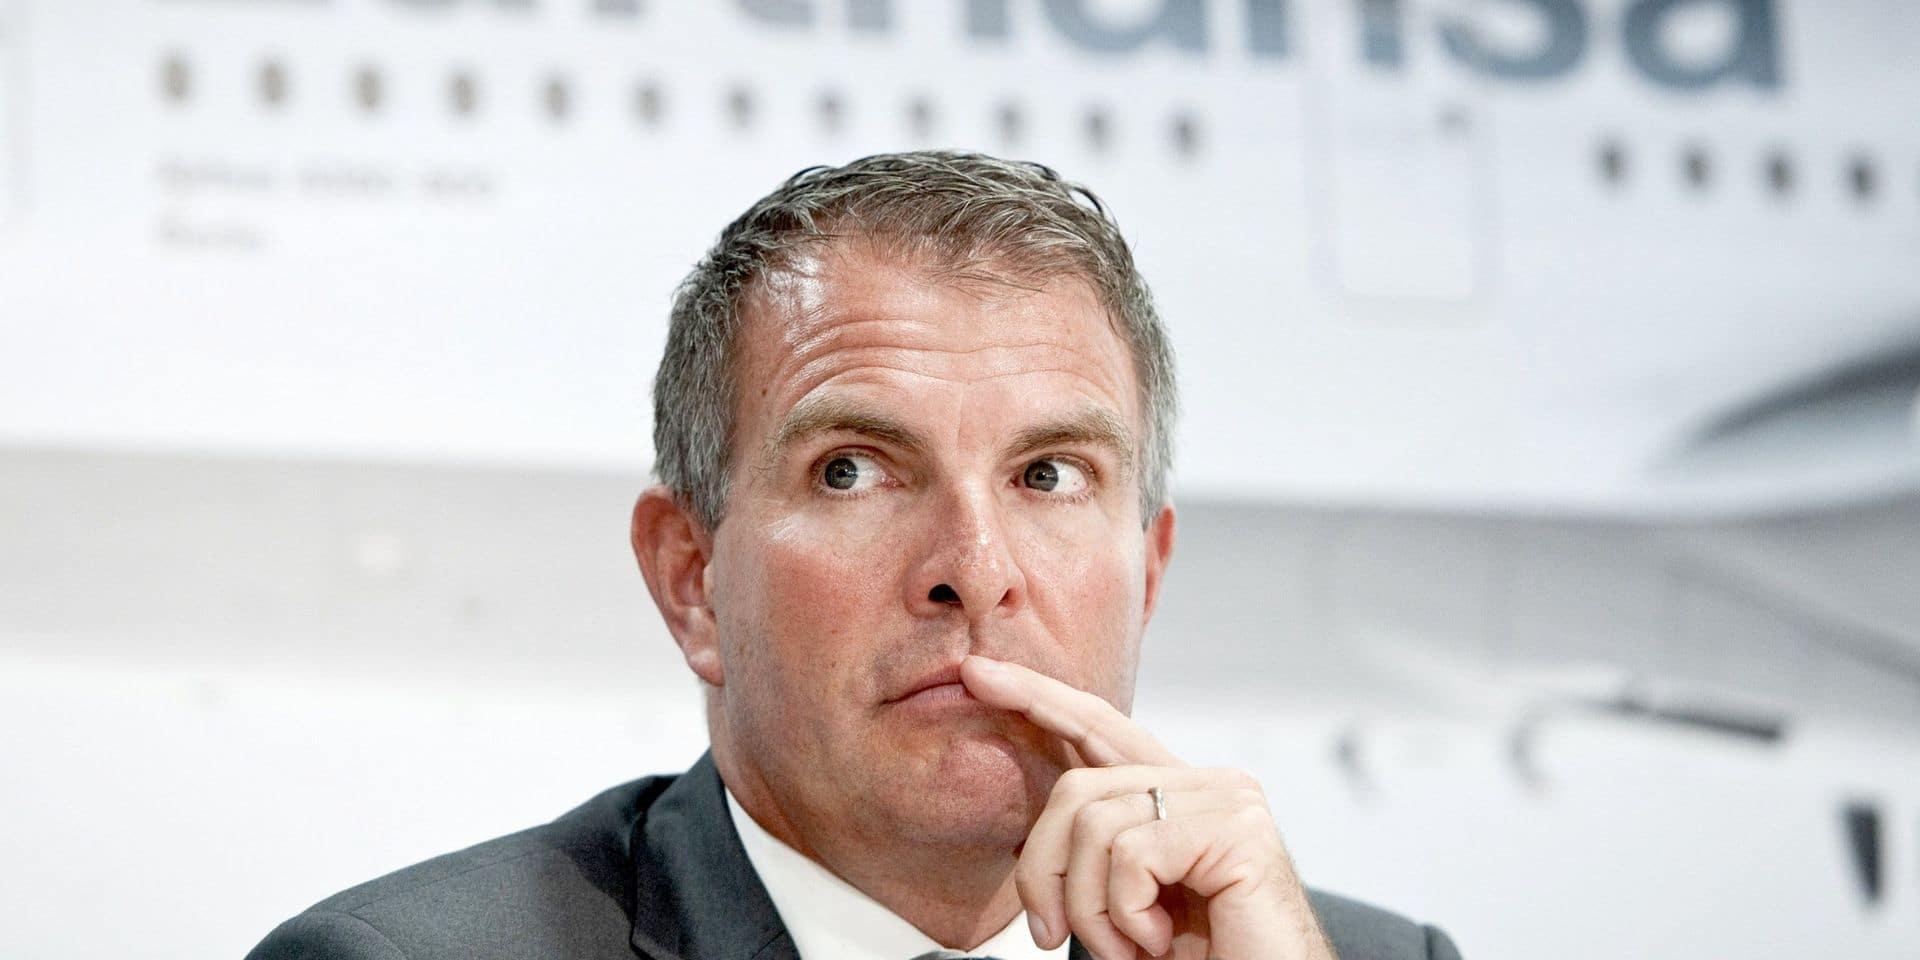 Le patron de Lufthansa menace de licencier un millier de pilotes